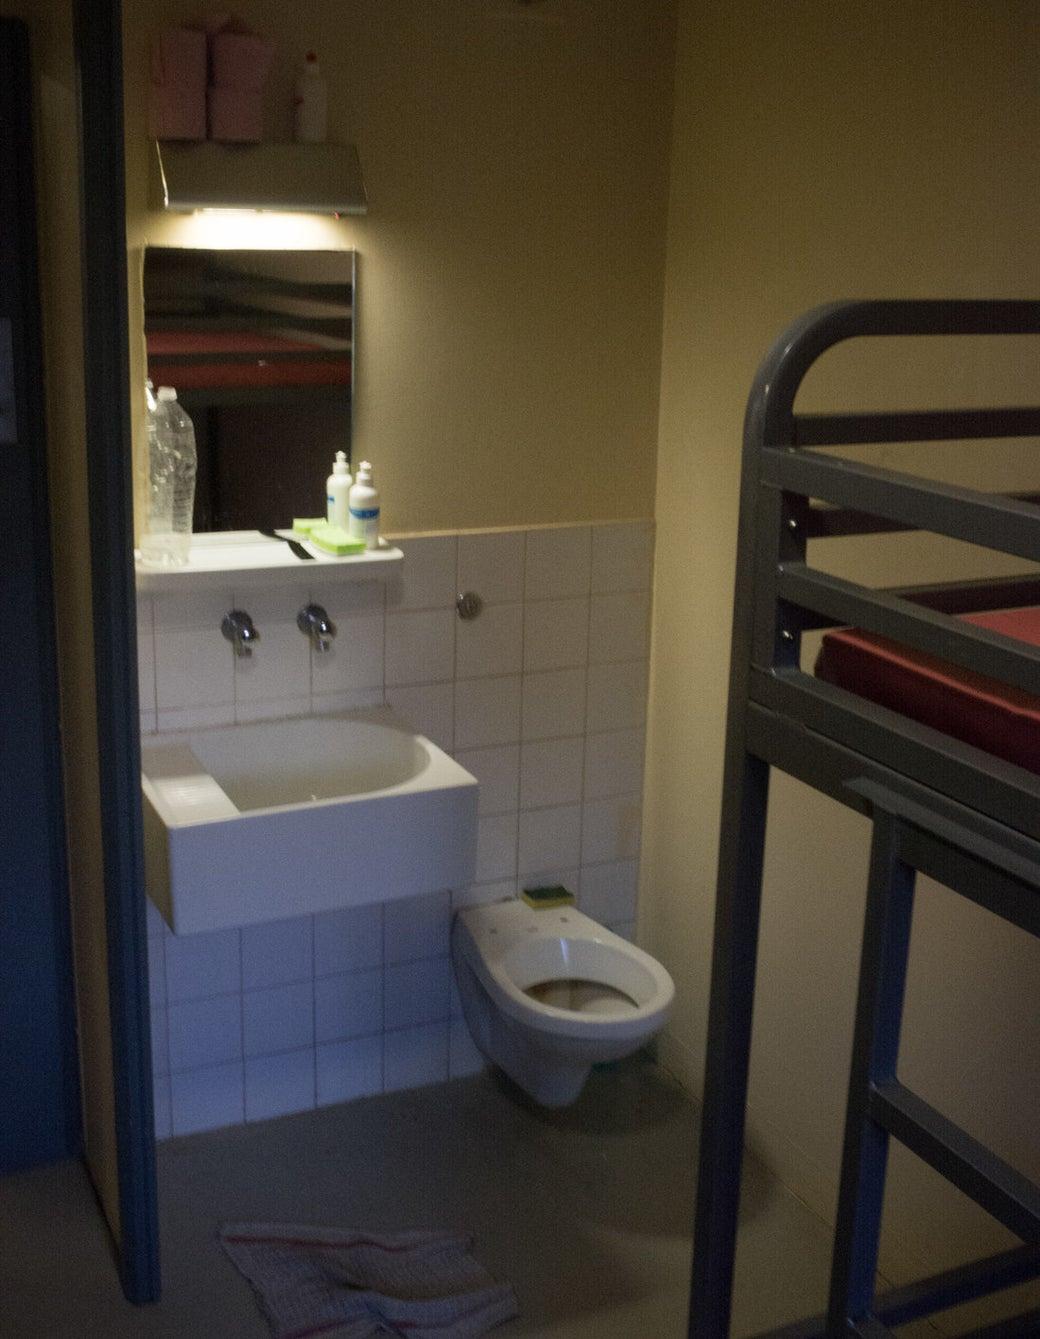 L'une des cellules. Le paravent censé séparer les sanitaires du reste de la pièce est manquant.